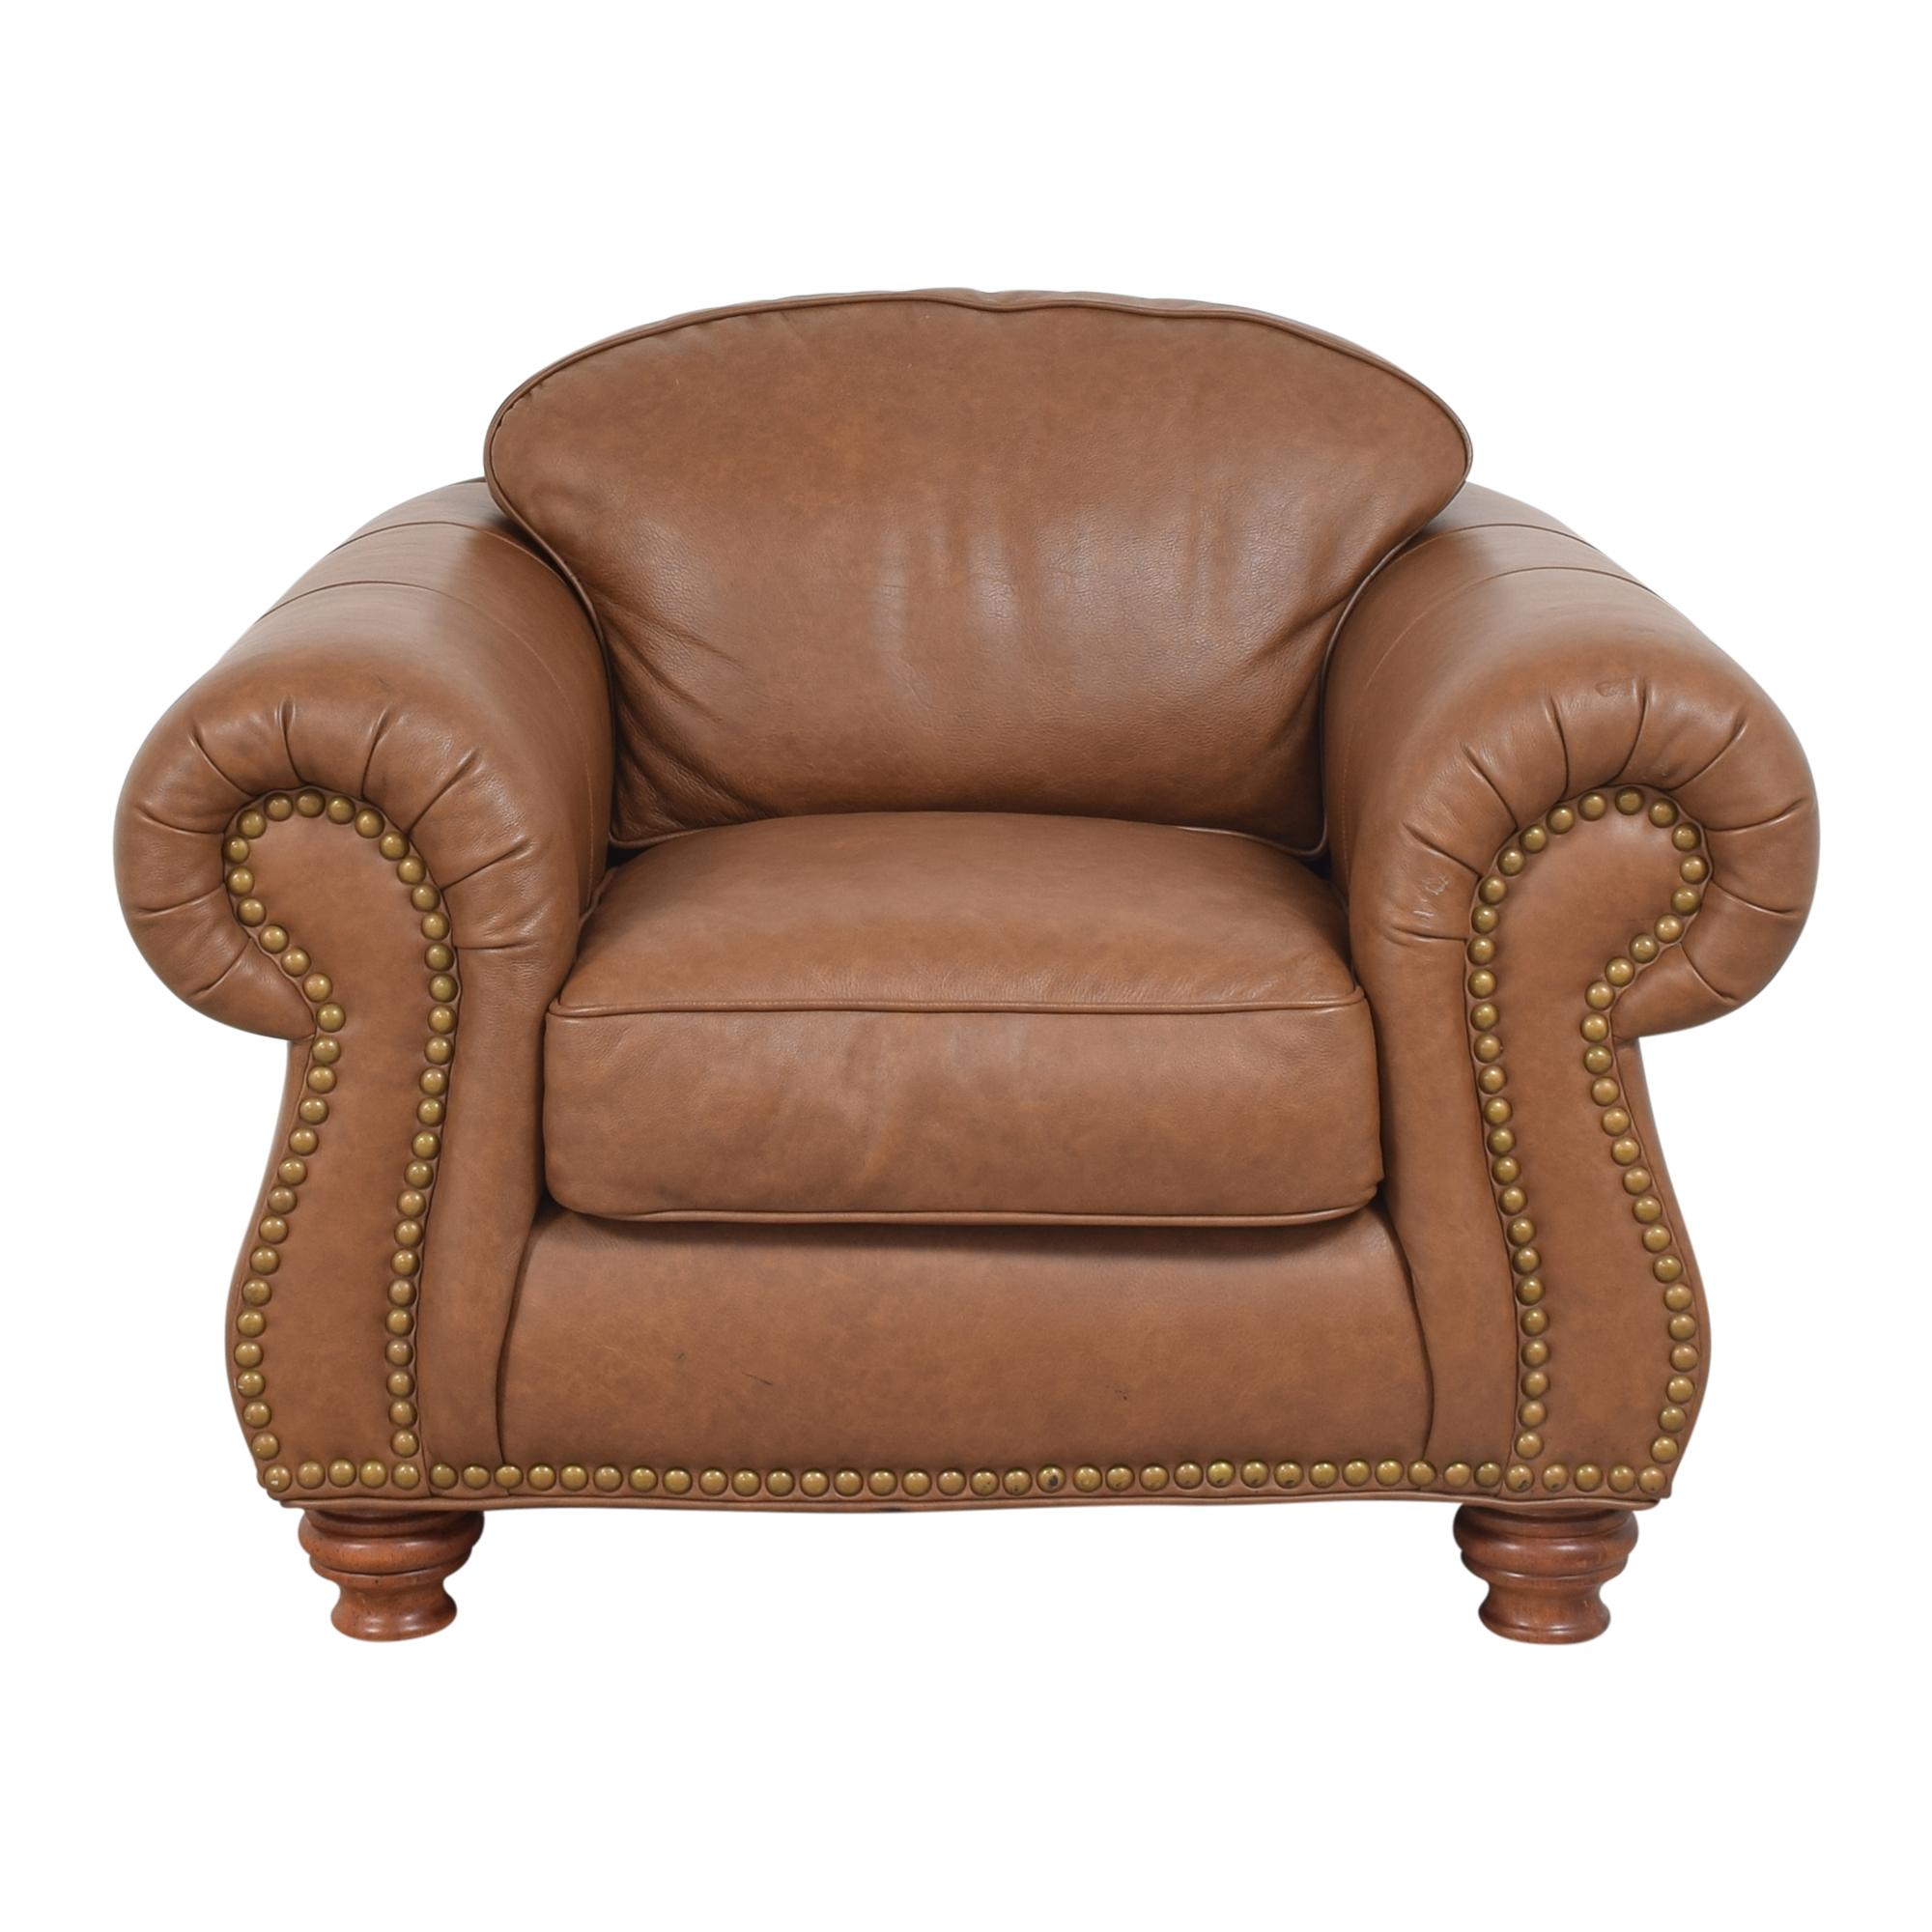 Thomasville Thomasville Nailhead Club Chair with Ottoman